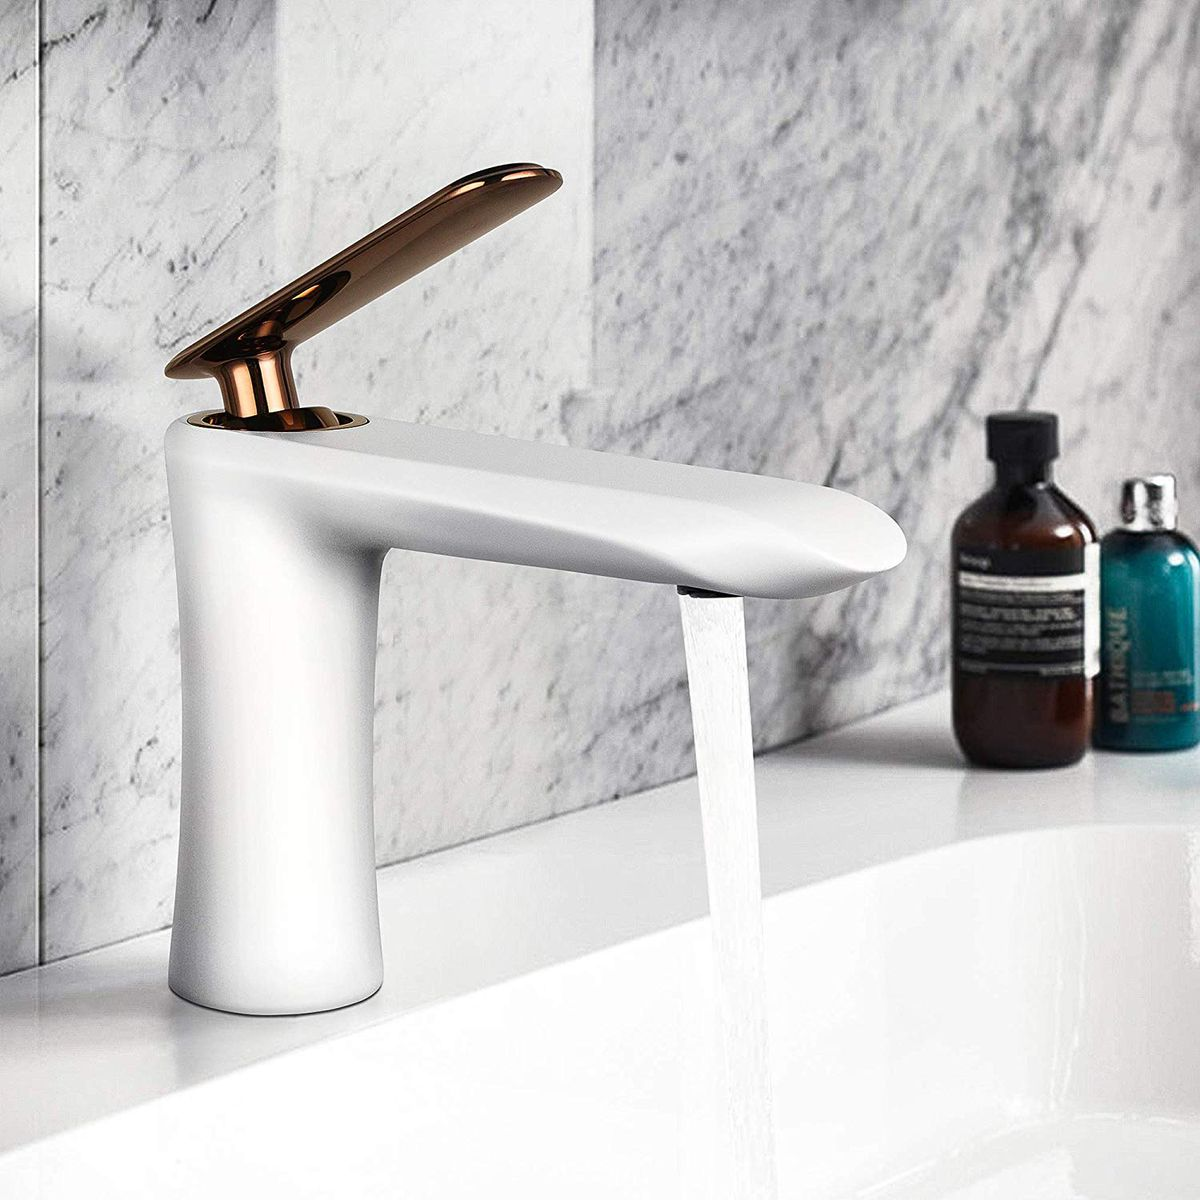 Modern bathroom faucet by Yohom